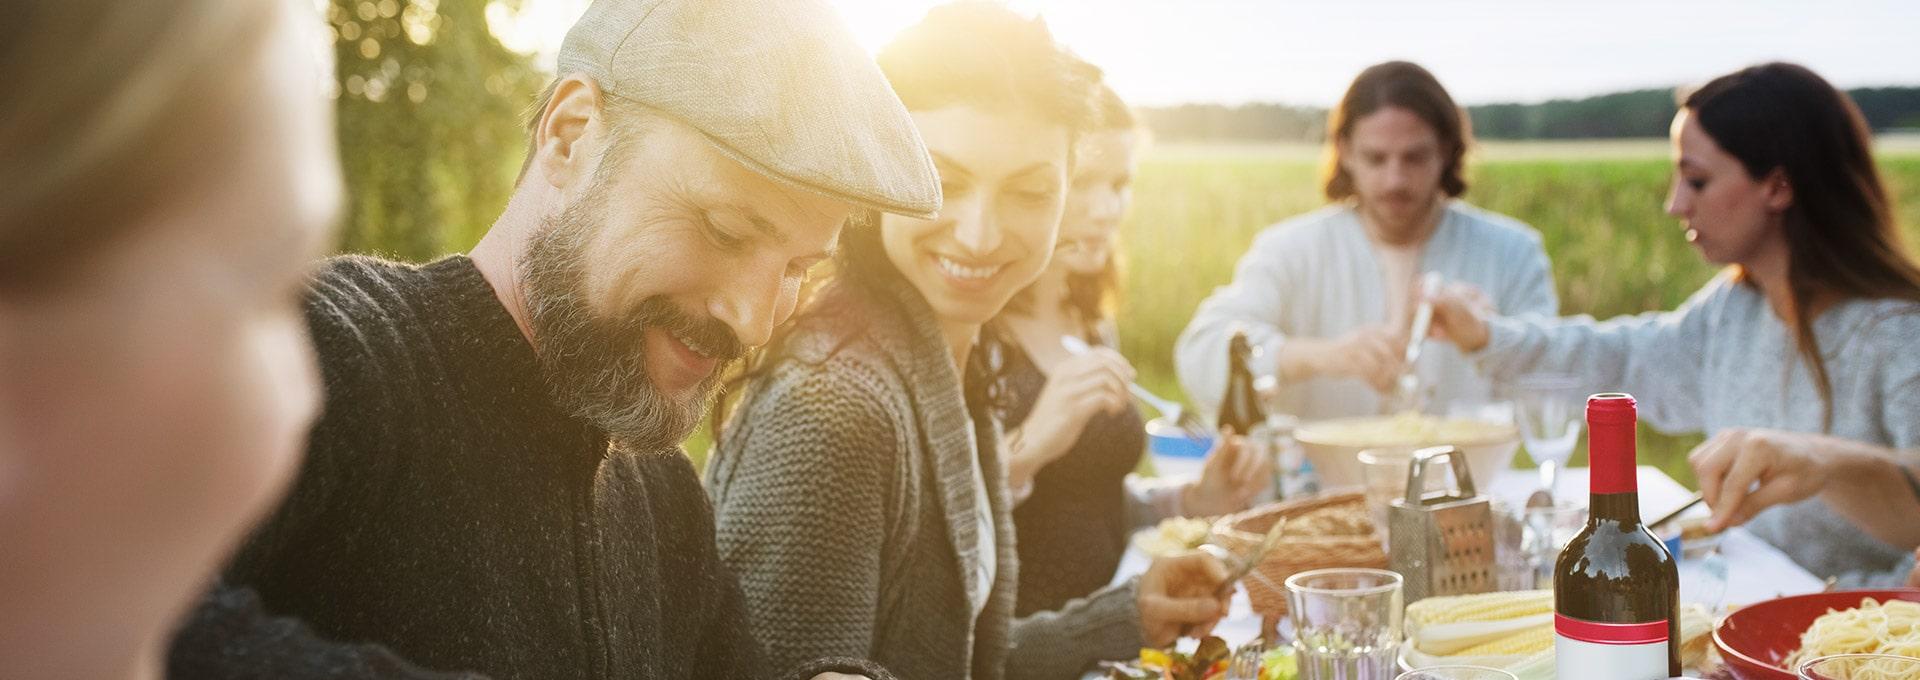 Eine Gruppe von Menschen machen im Freien ein Picknick um einen Tisch herum in einer geräuschvollen Umgebung.